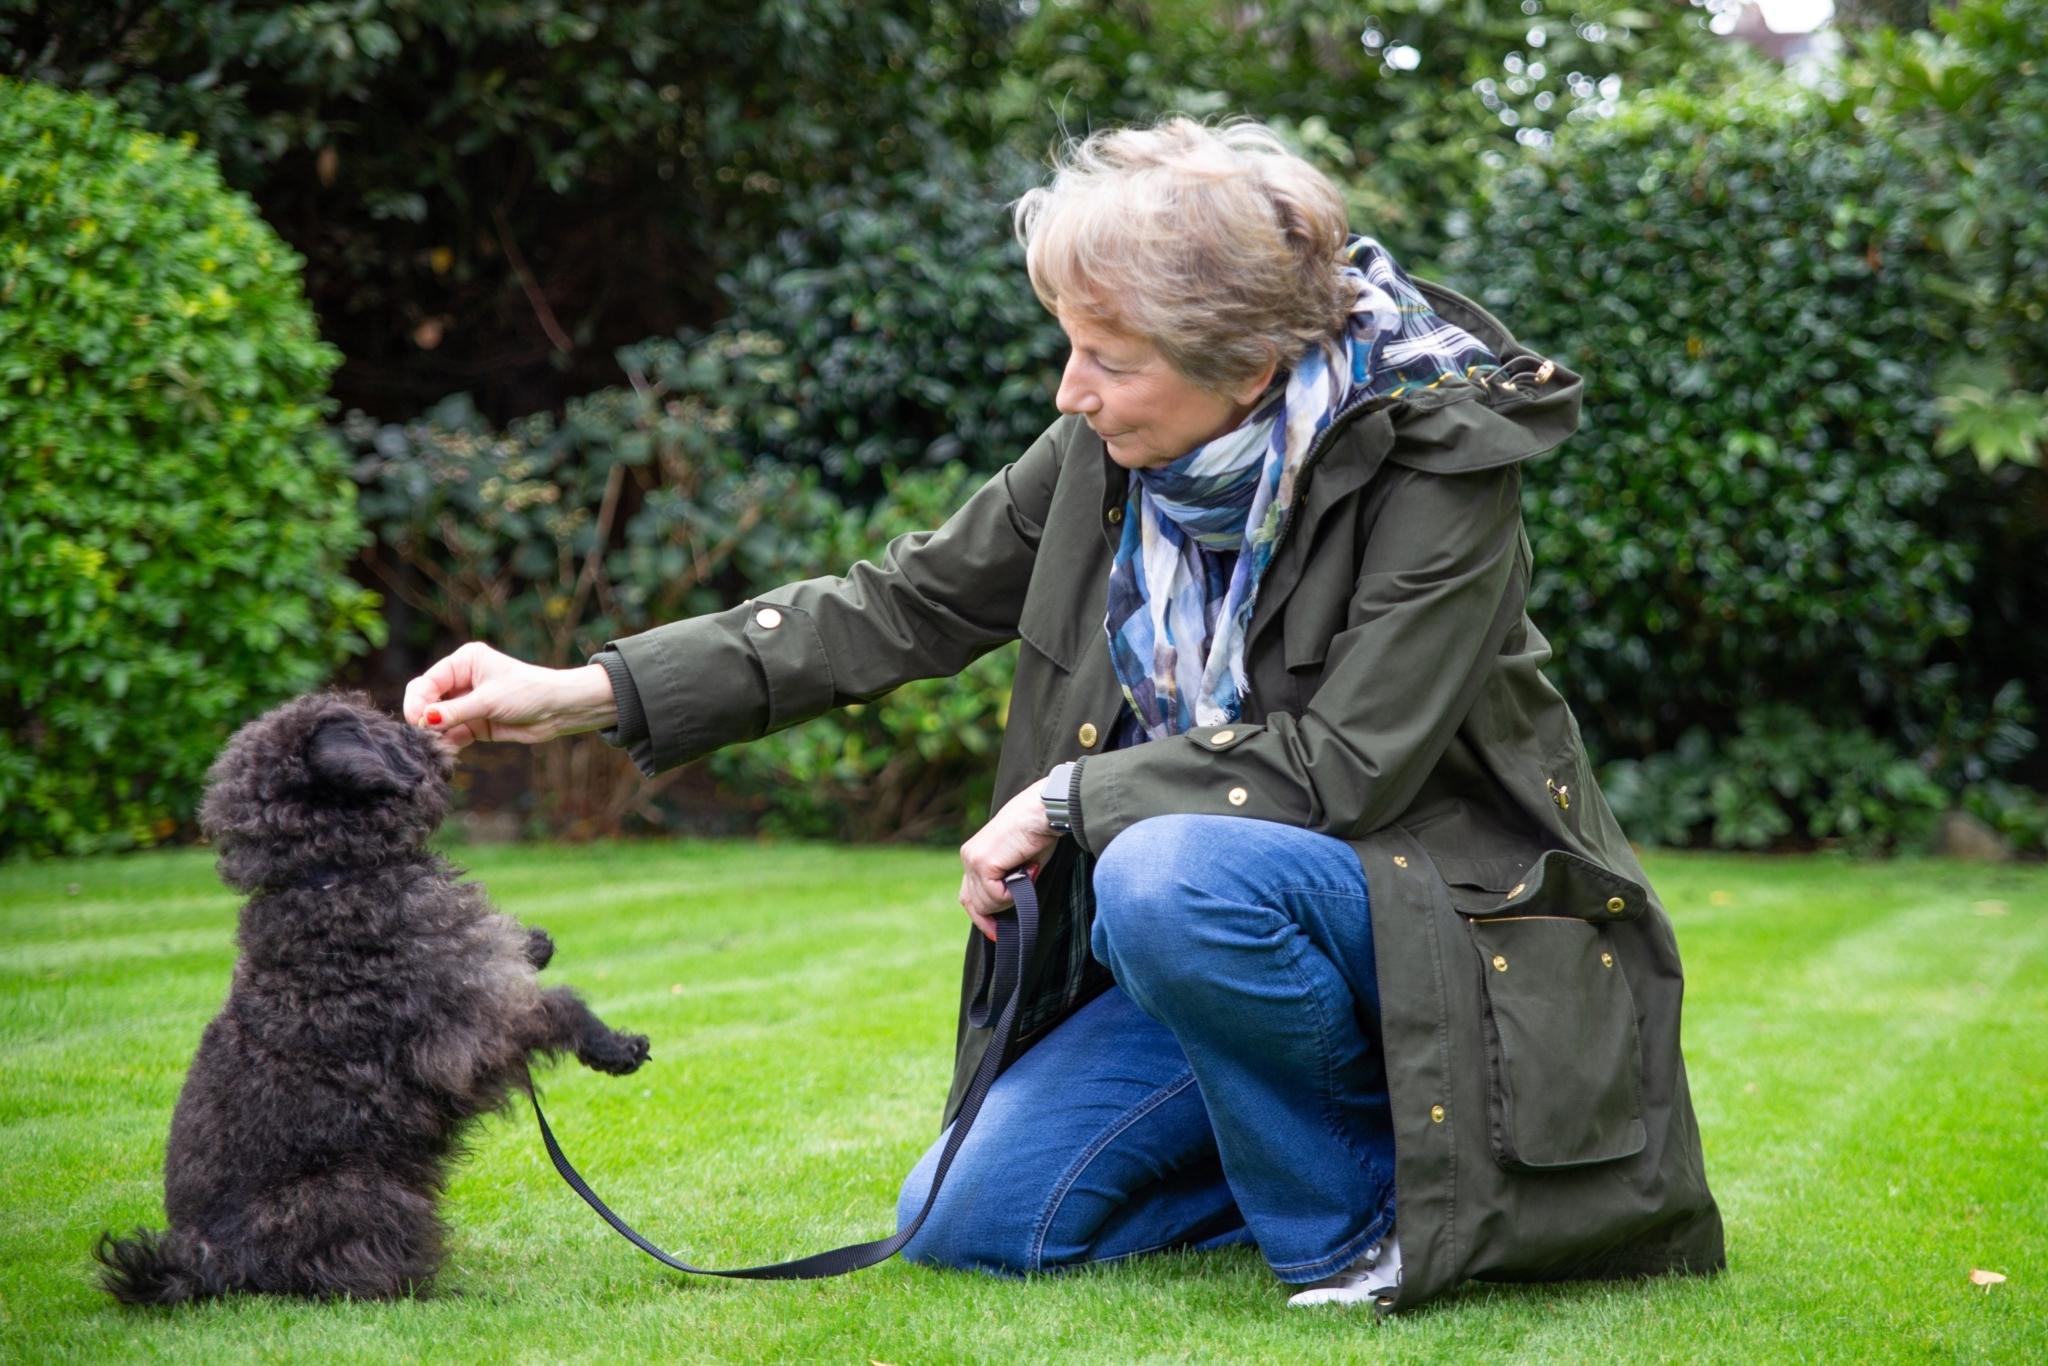 Dog coach teaching dog to sit